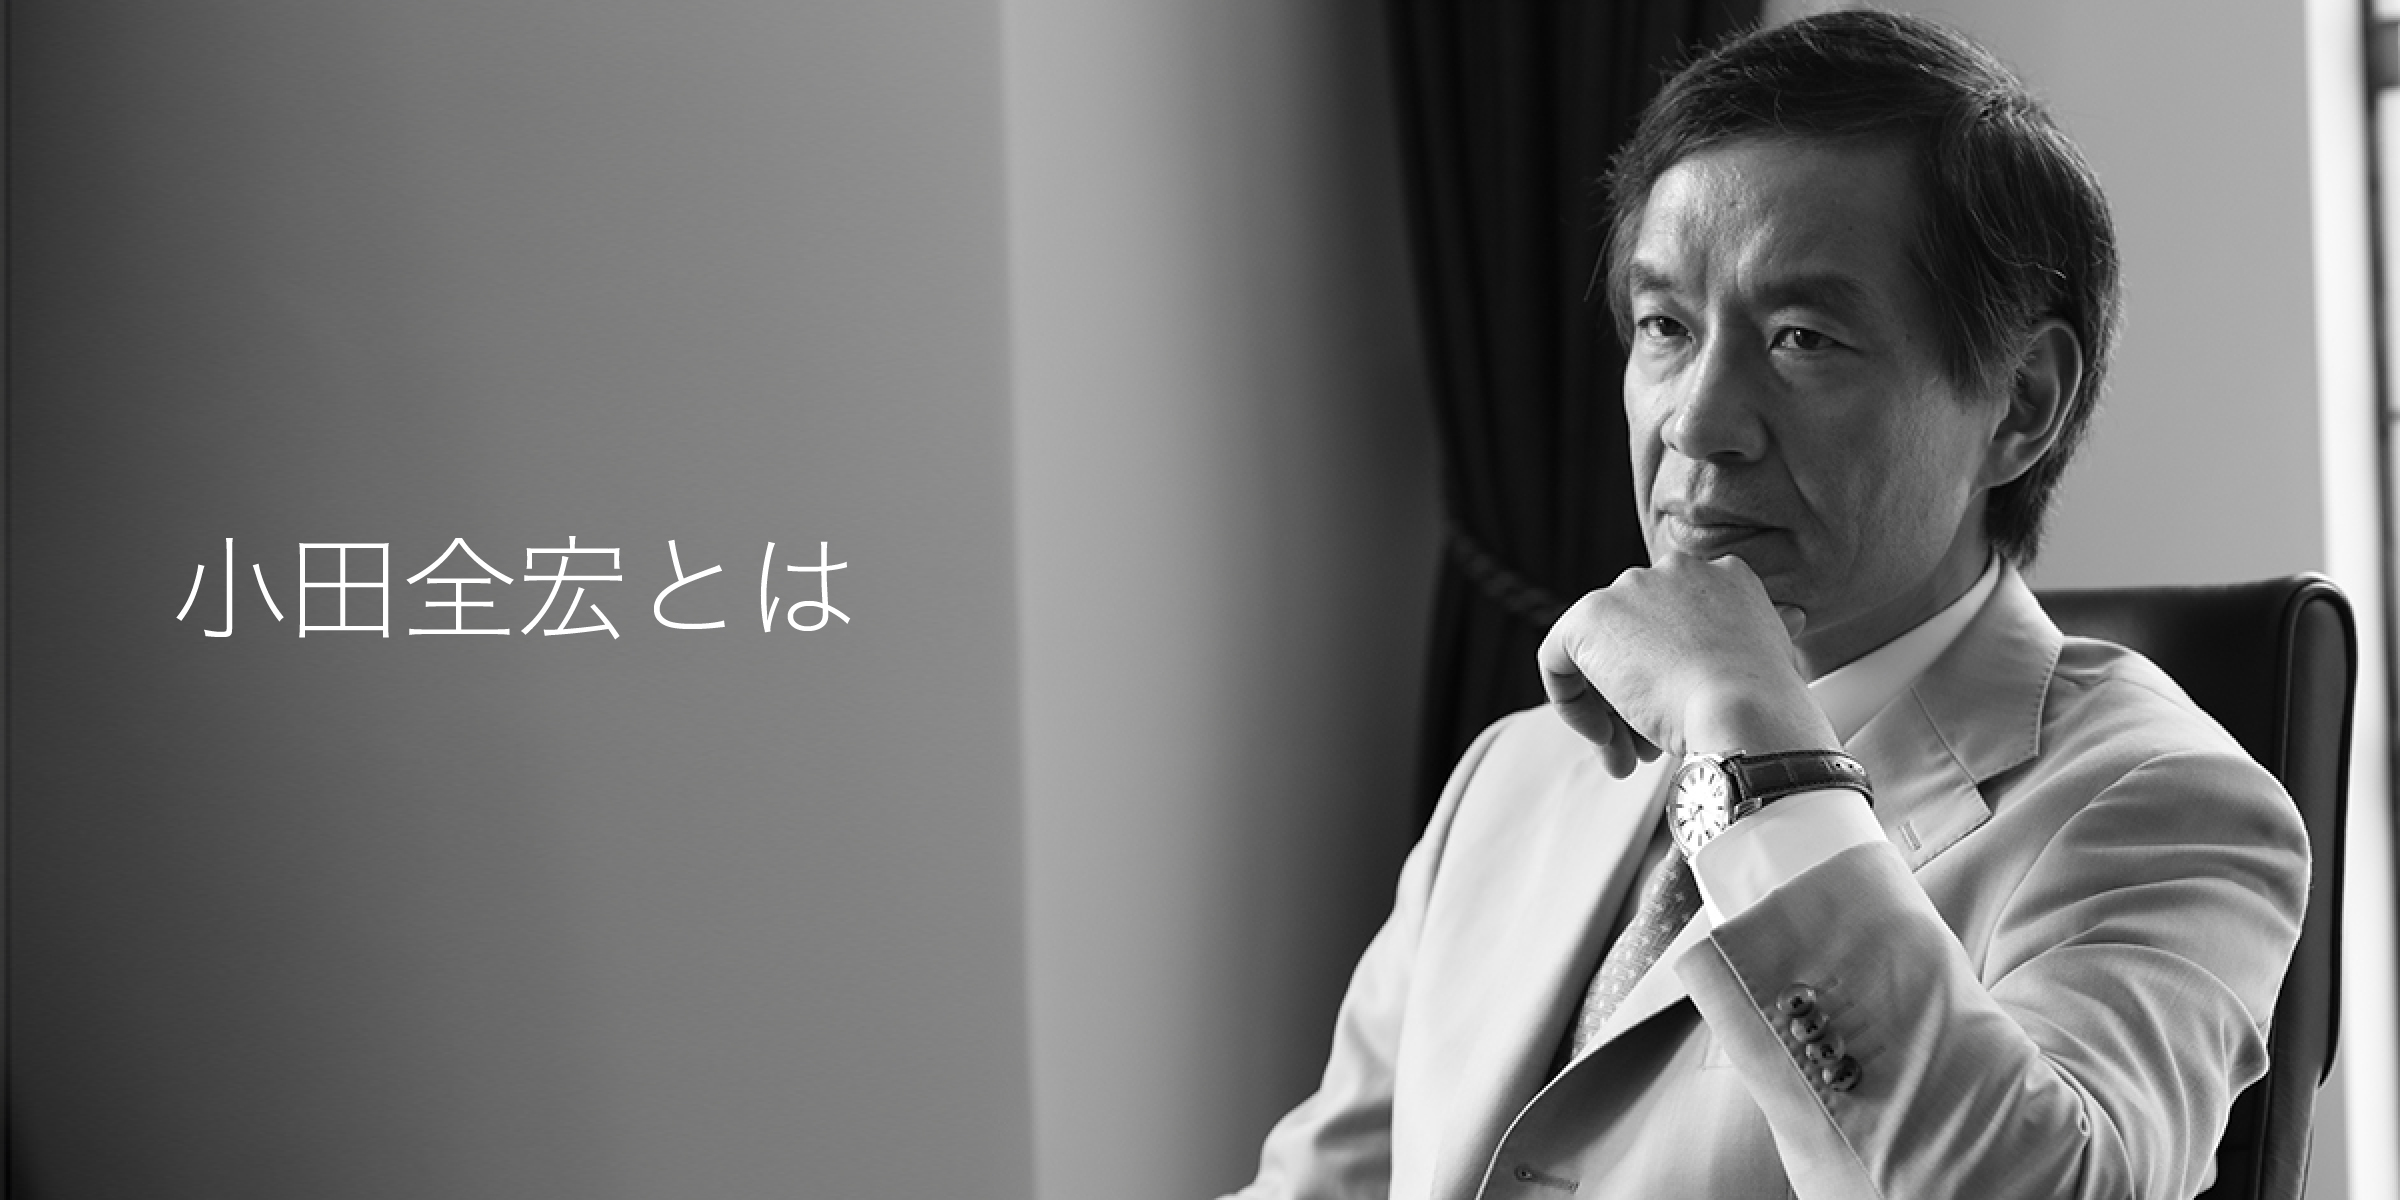 小田全宏とは